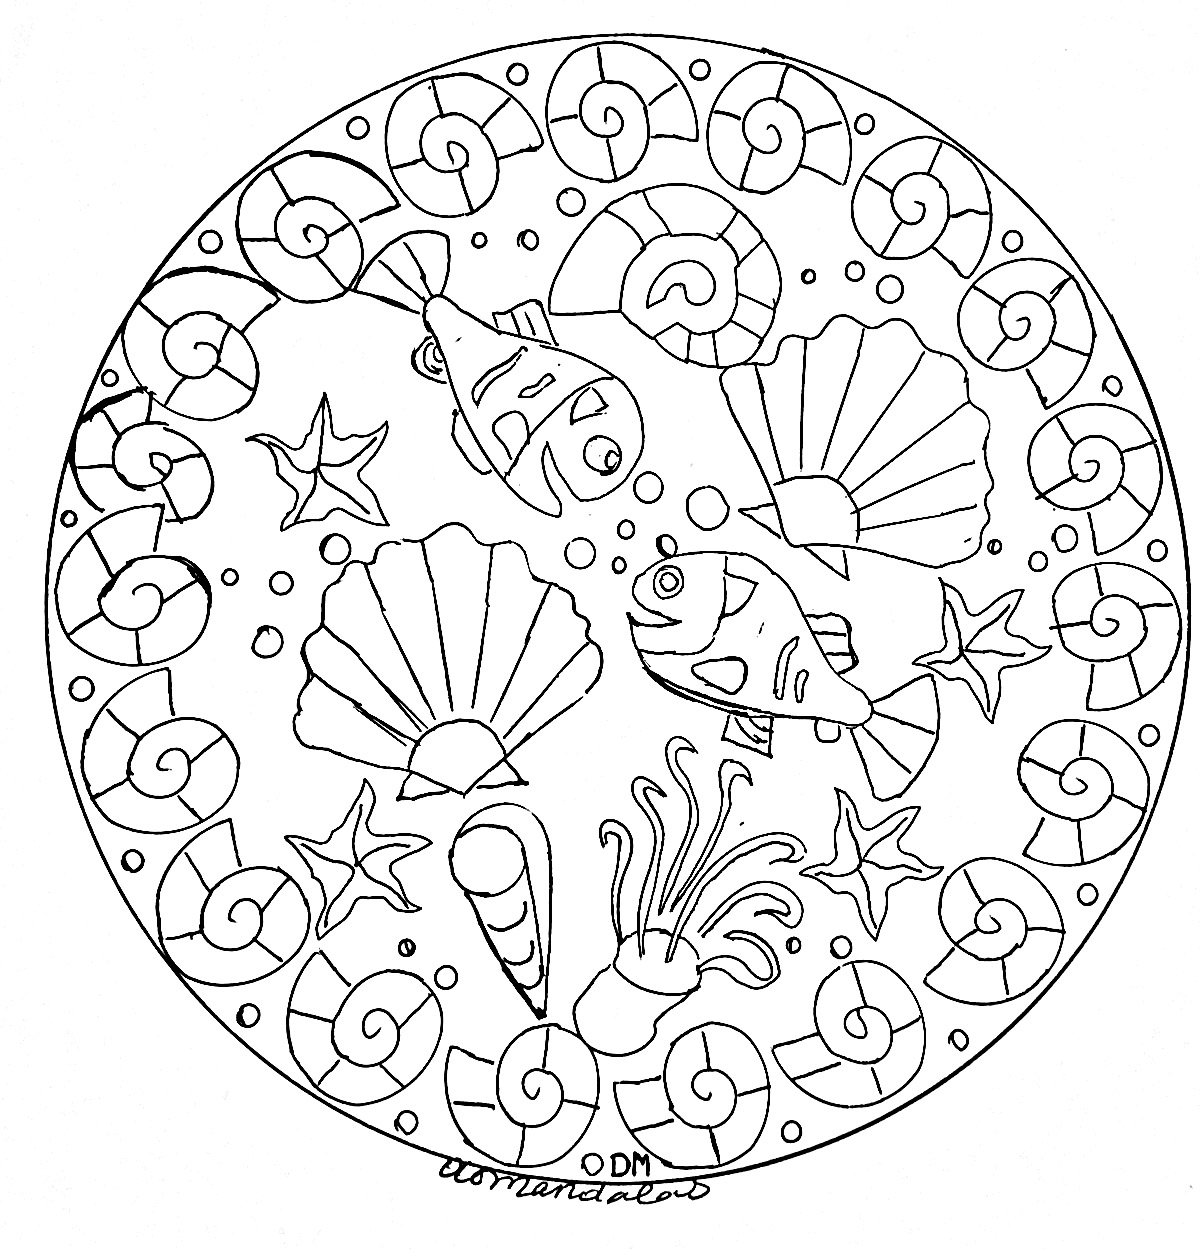 Disegni da colorare per adulti : Mandalas - 191